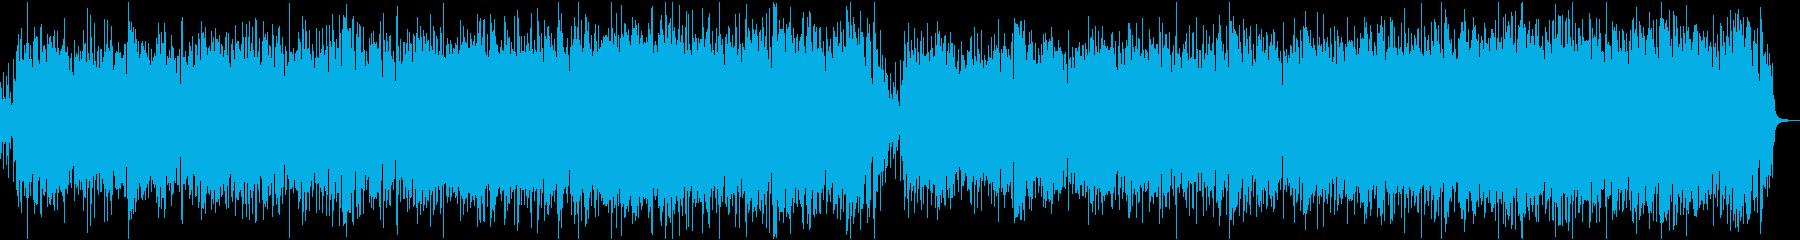 陽気なカントリーフィドルCM軽快疾走感bの再生済みの波形